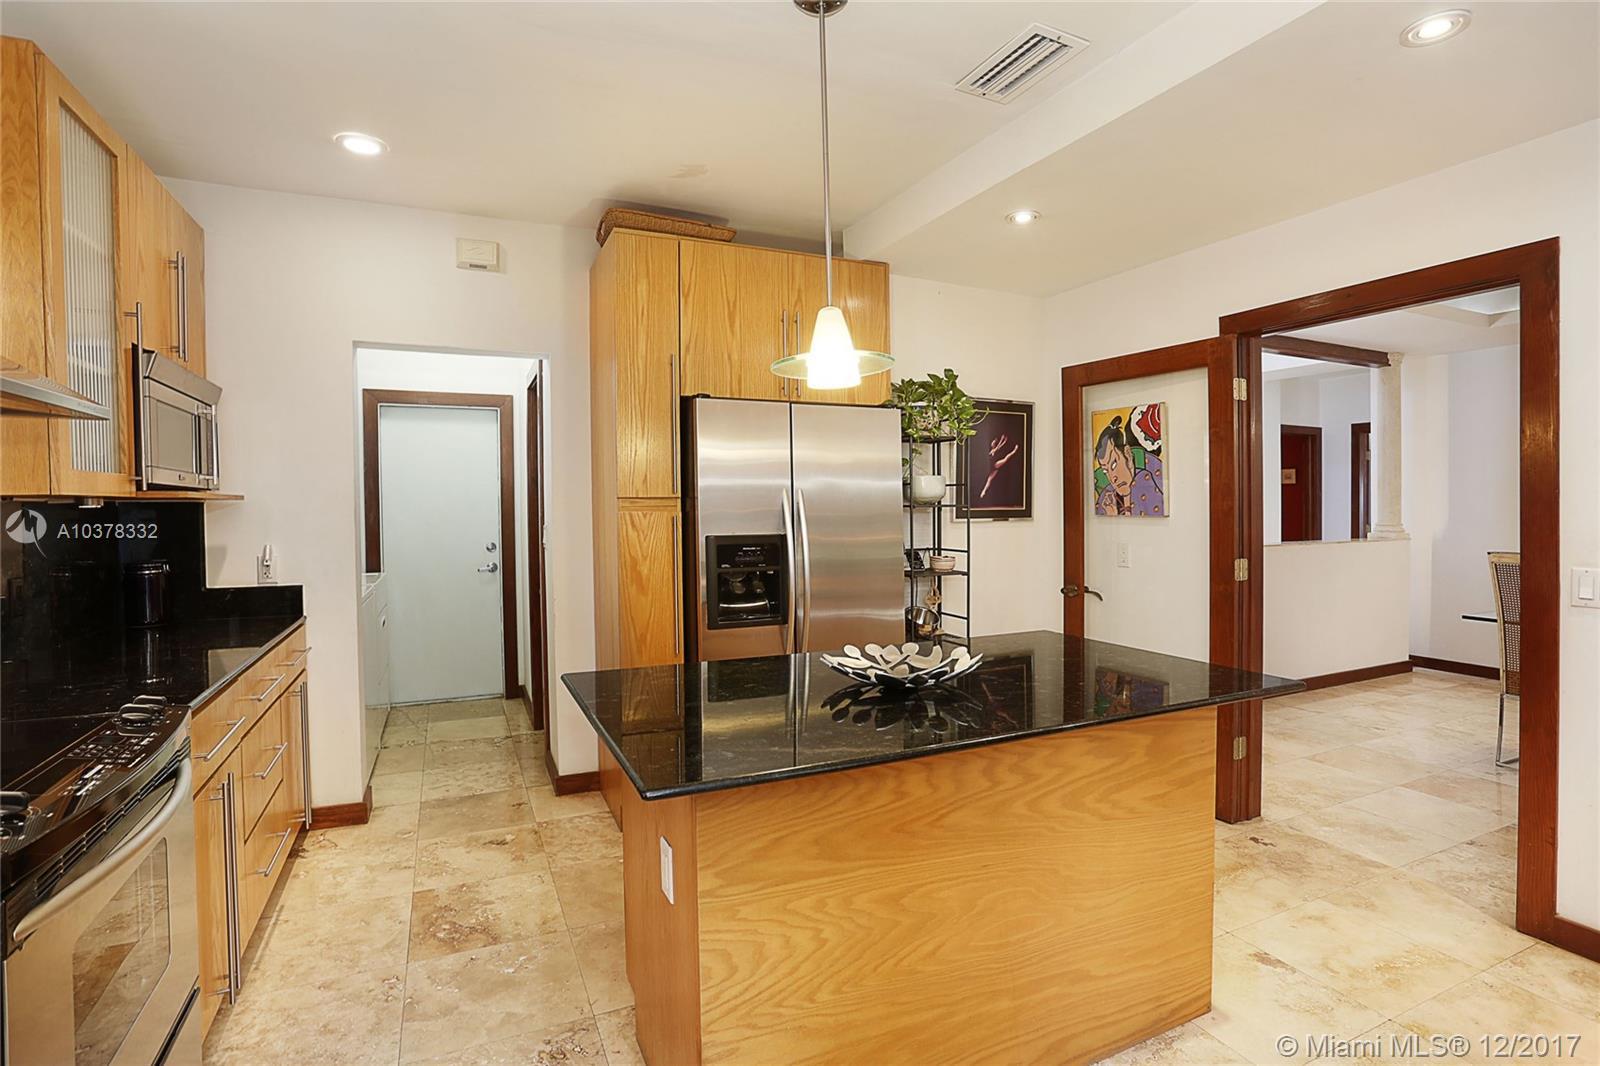 2481 Lincoln Ave, Miami FL, 33133